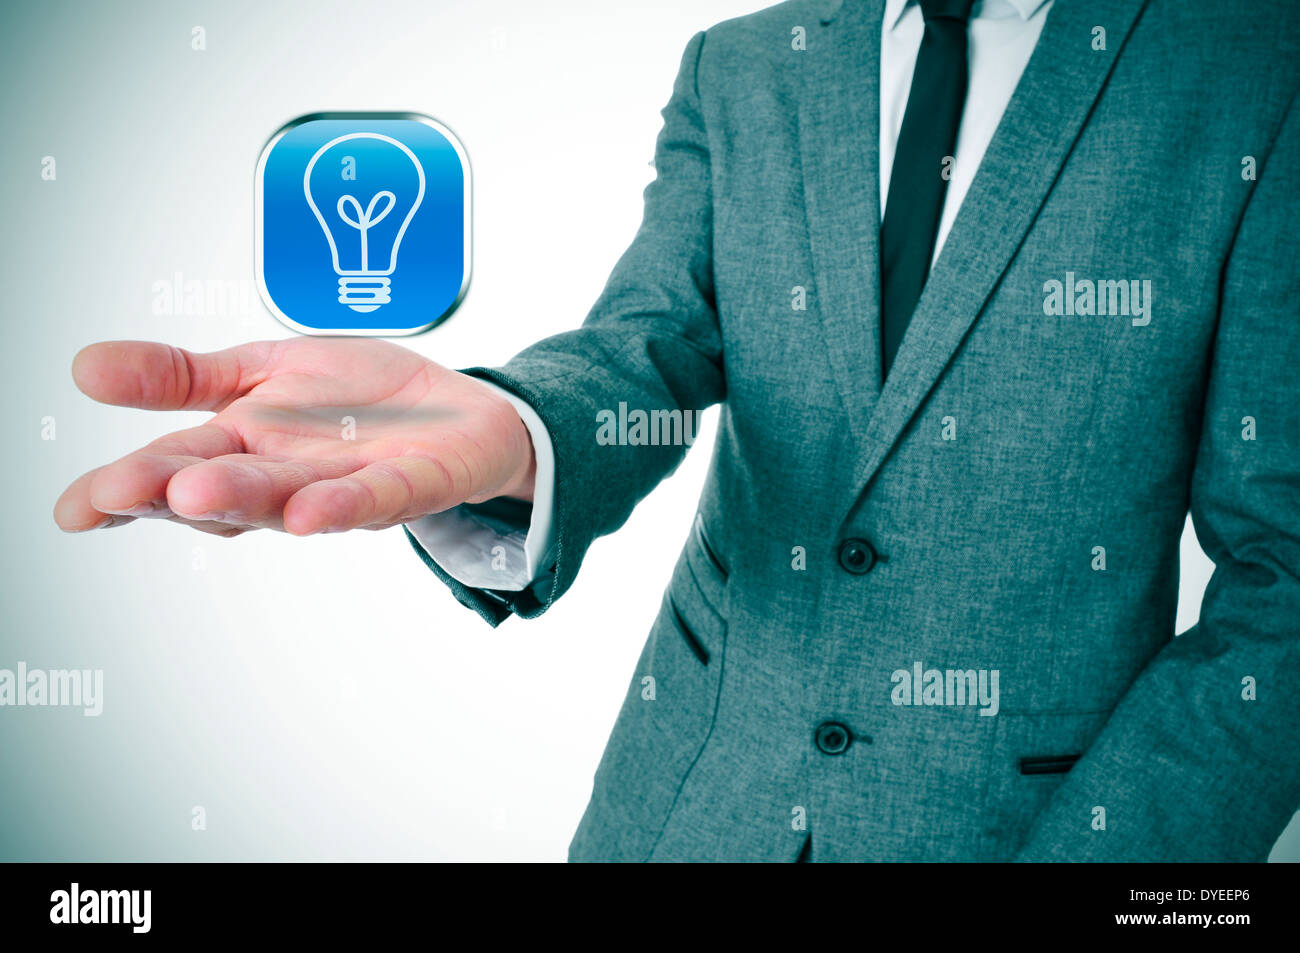 Hombre vistiendo un traje con un icono con una bombilla en su mano Imagen De Stock